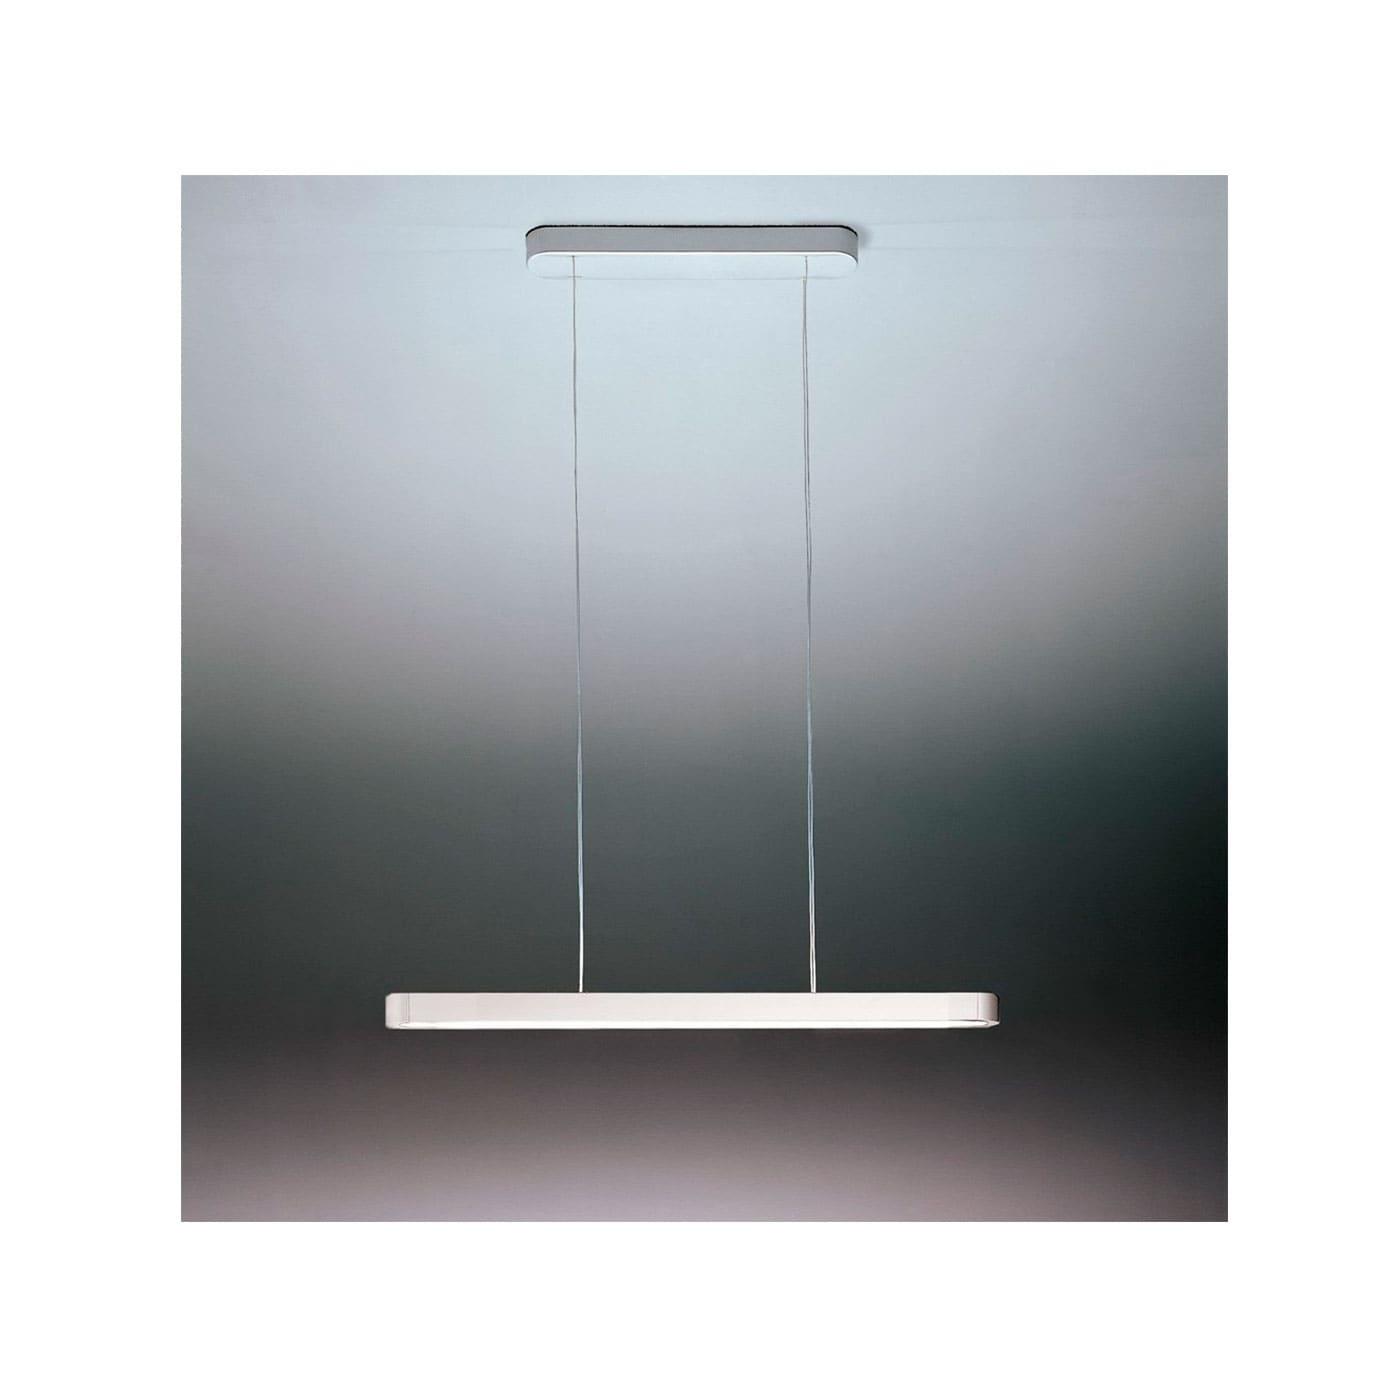 ARTEMIDE Talo LED lampada a sospensione